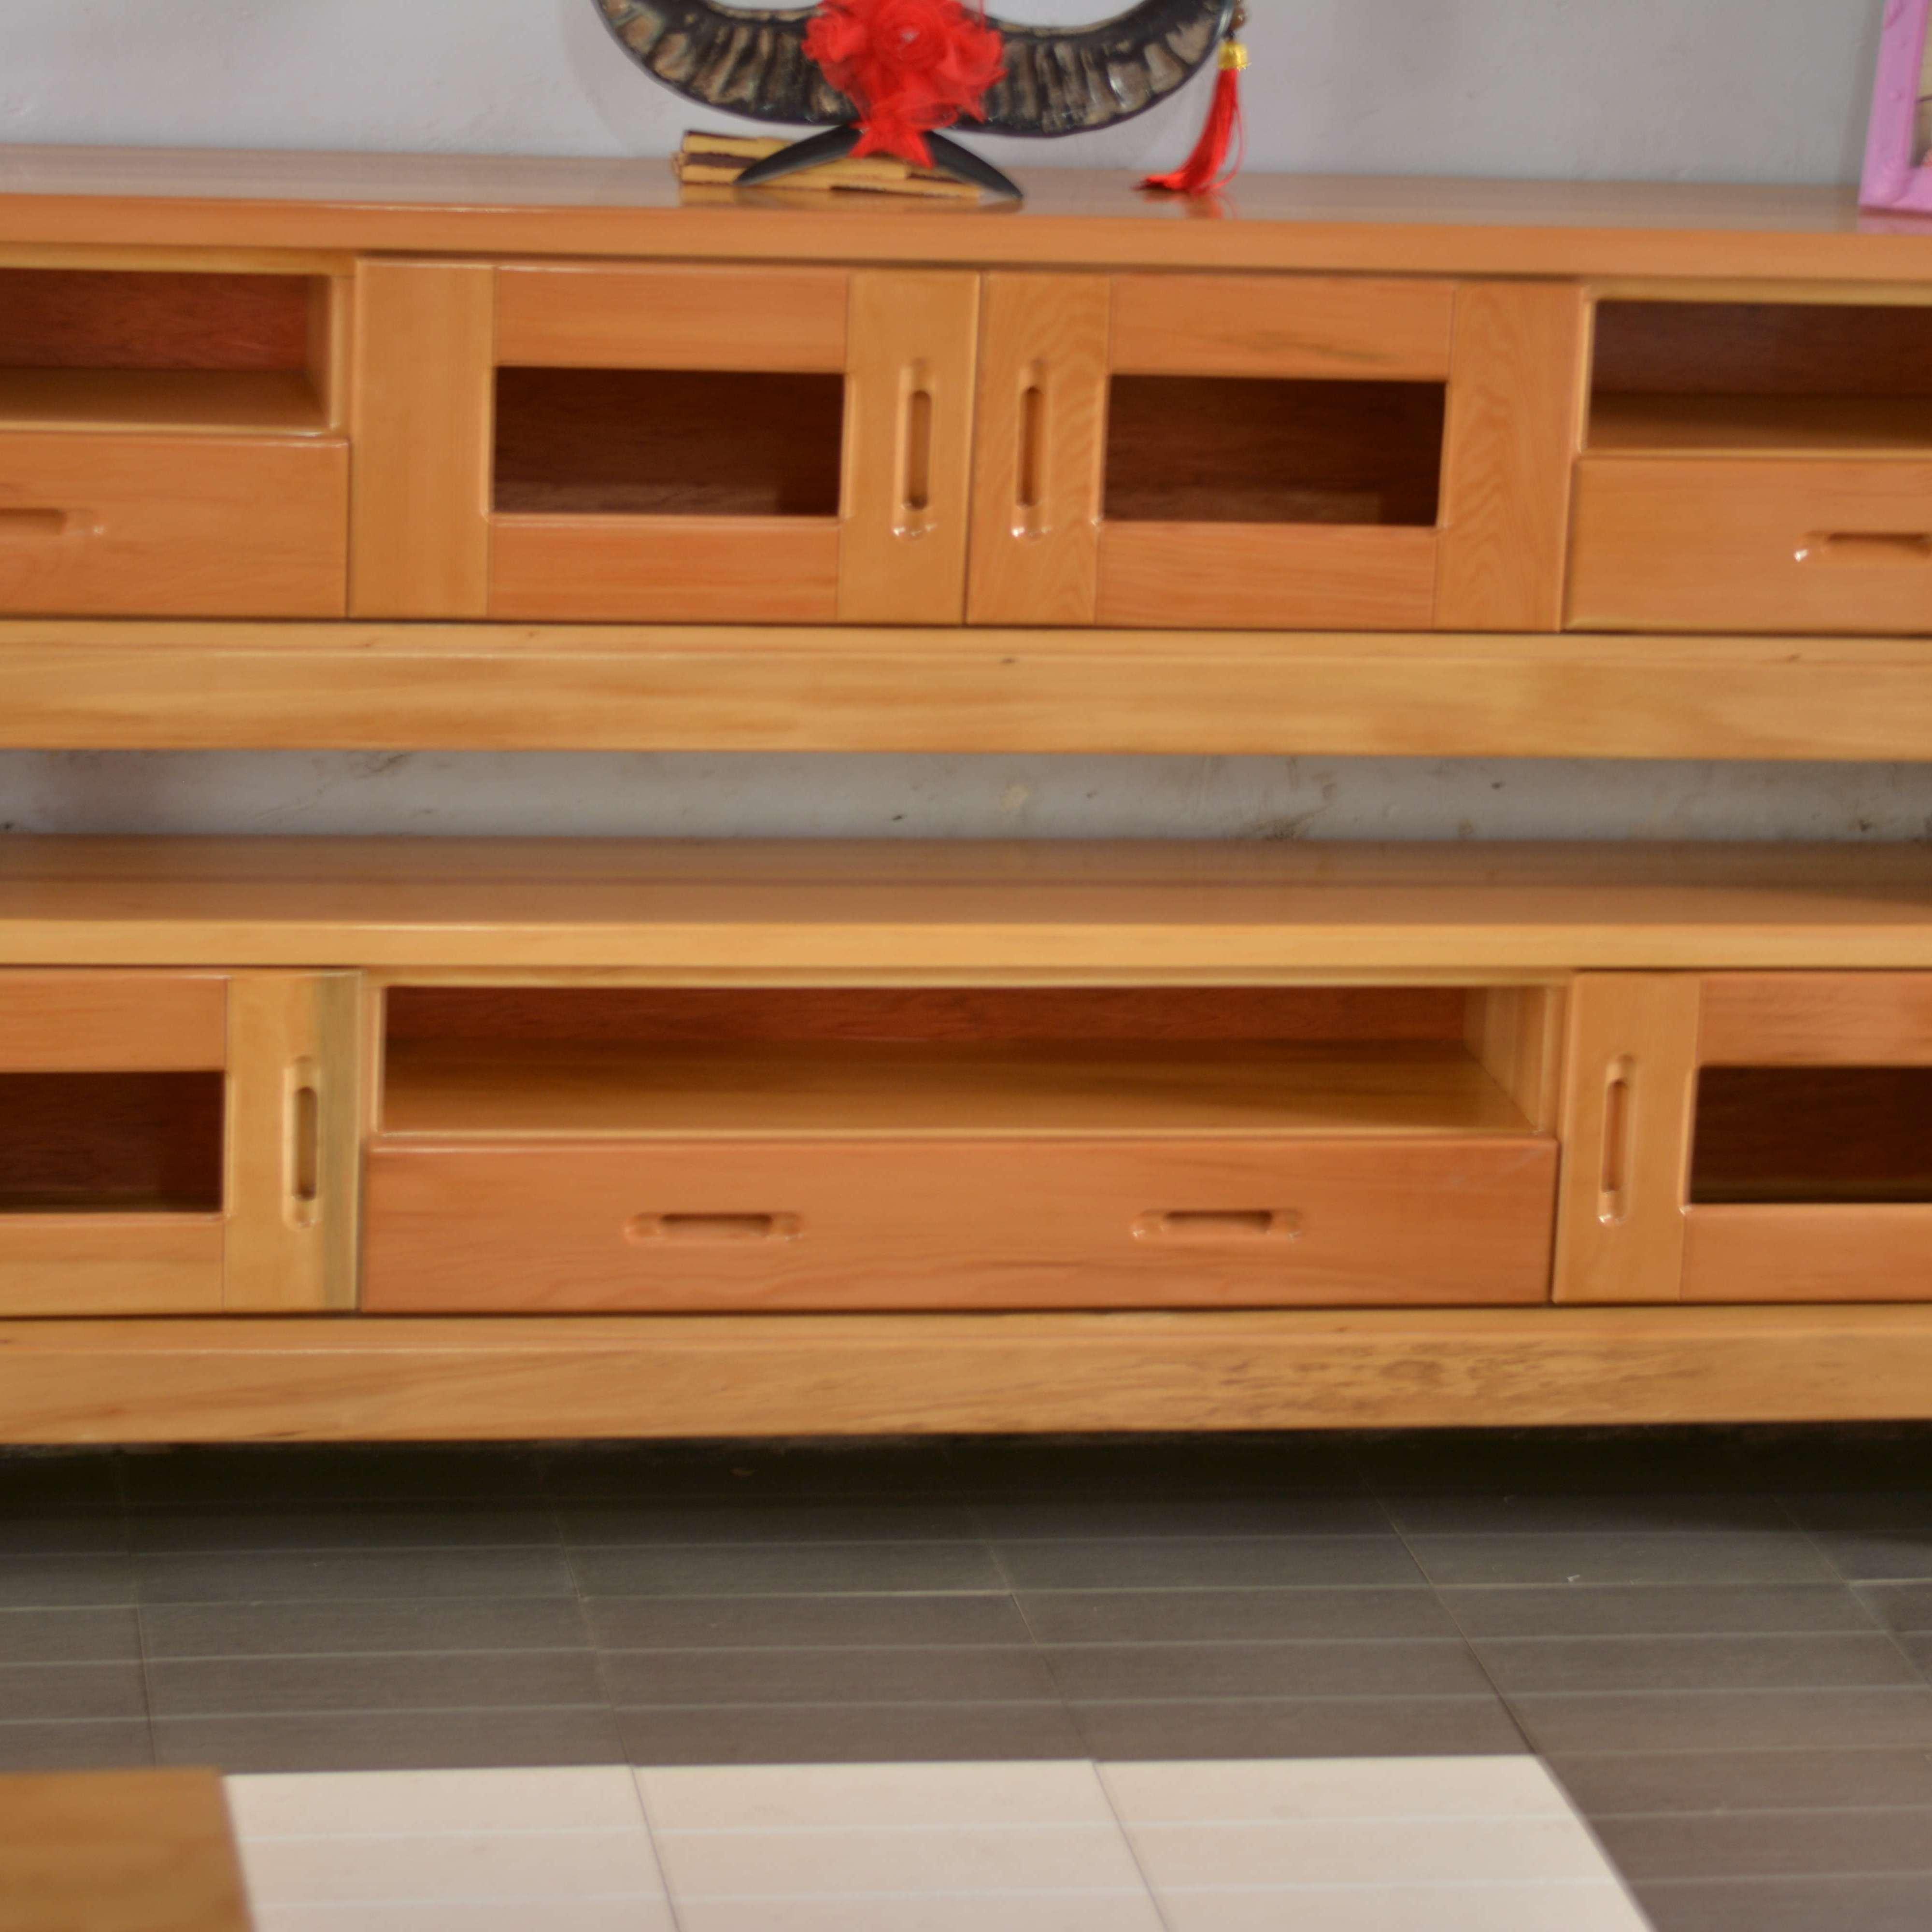 王家实木家具 纯实木电视柜 实木家俱定制 实木板材 环保漆不含有甲醛   厂家直销